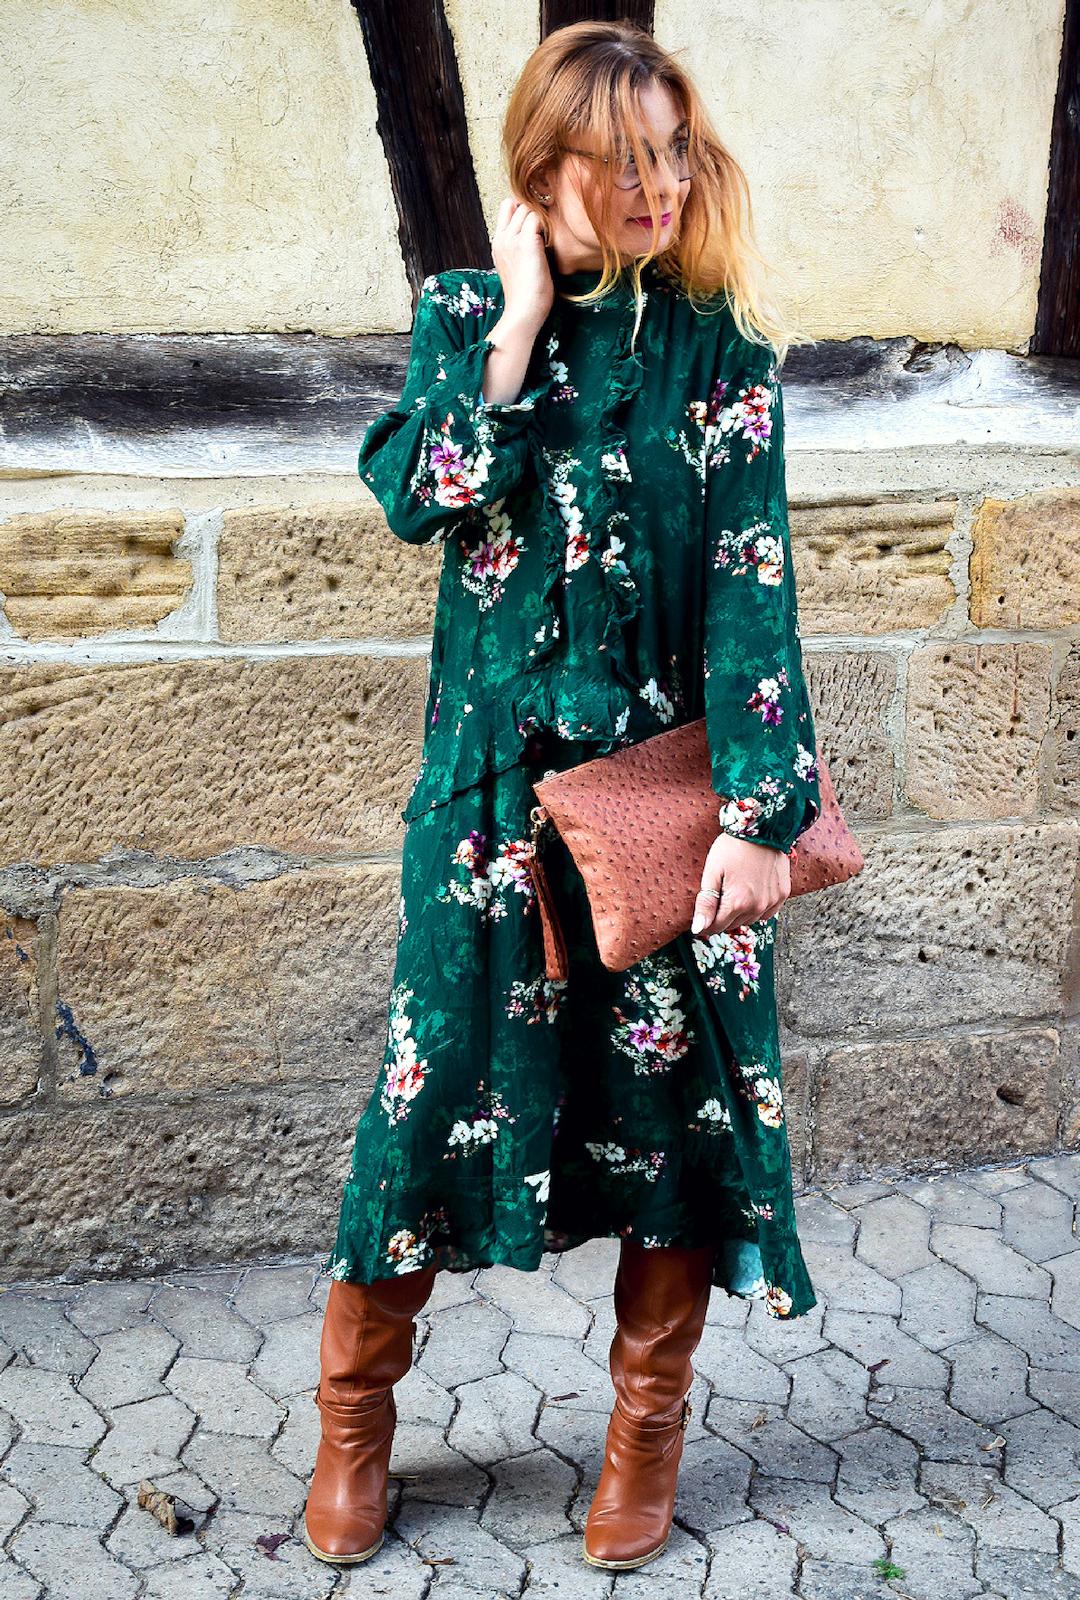 welche Farben passen zu Grün, Kleid in Grün